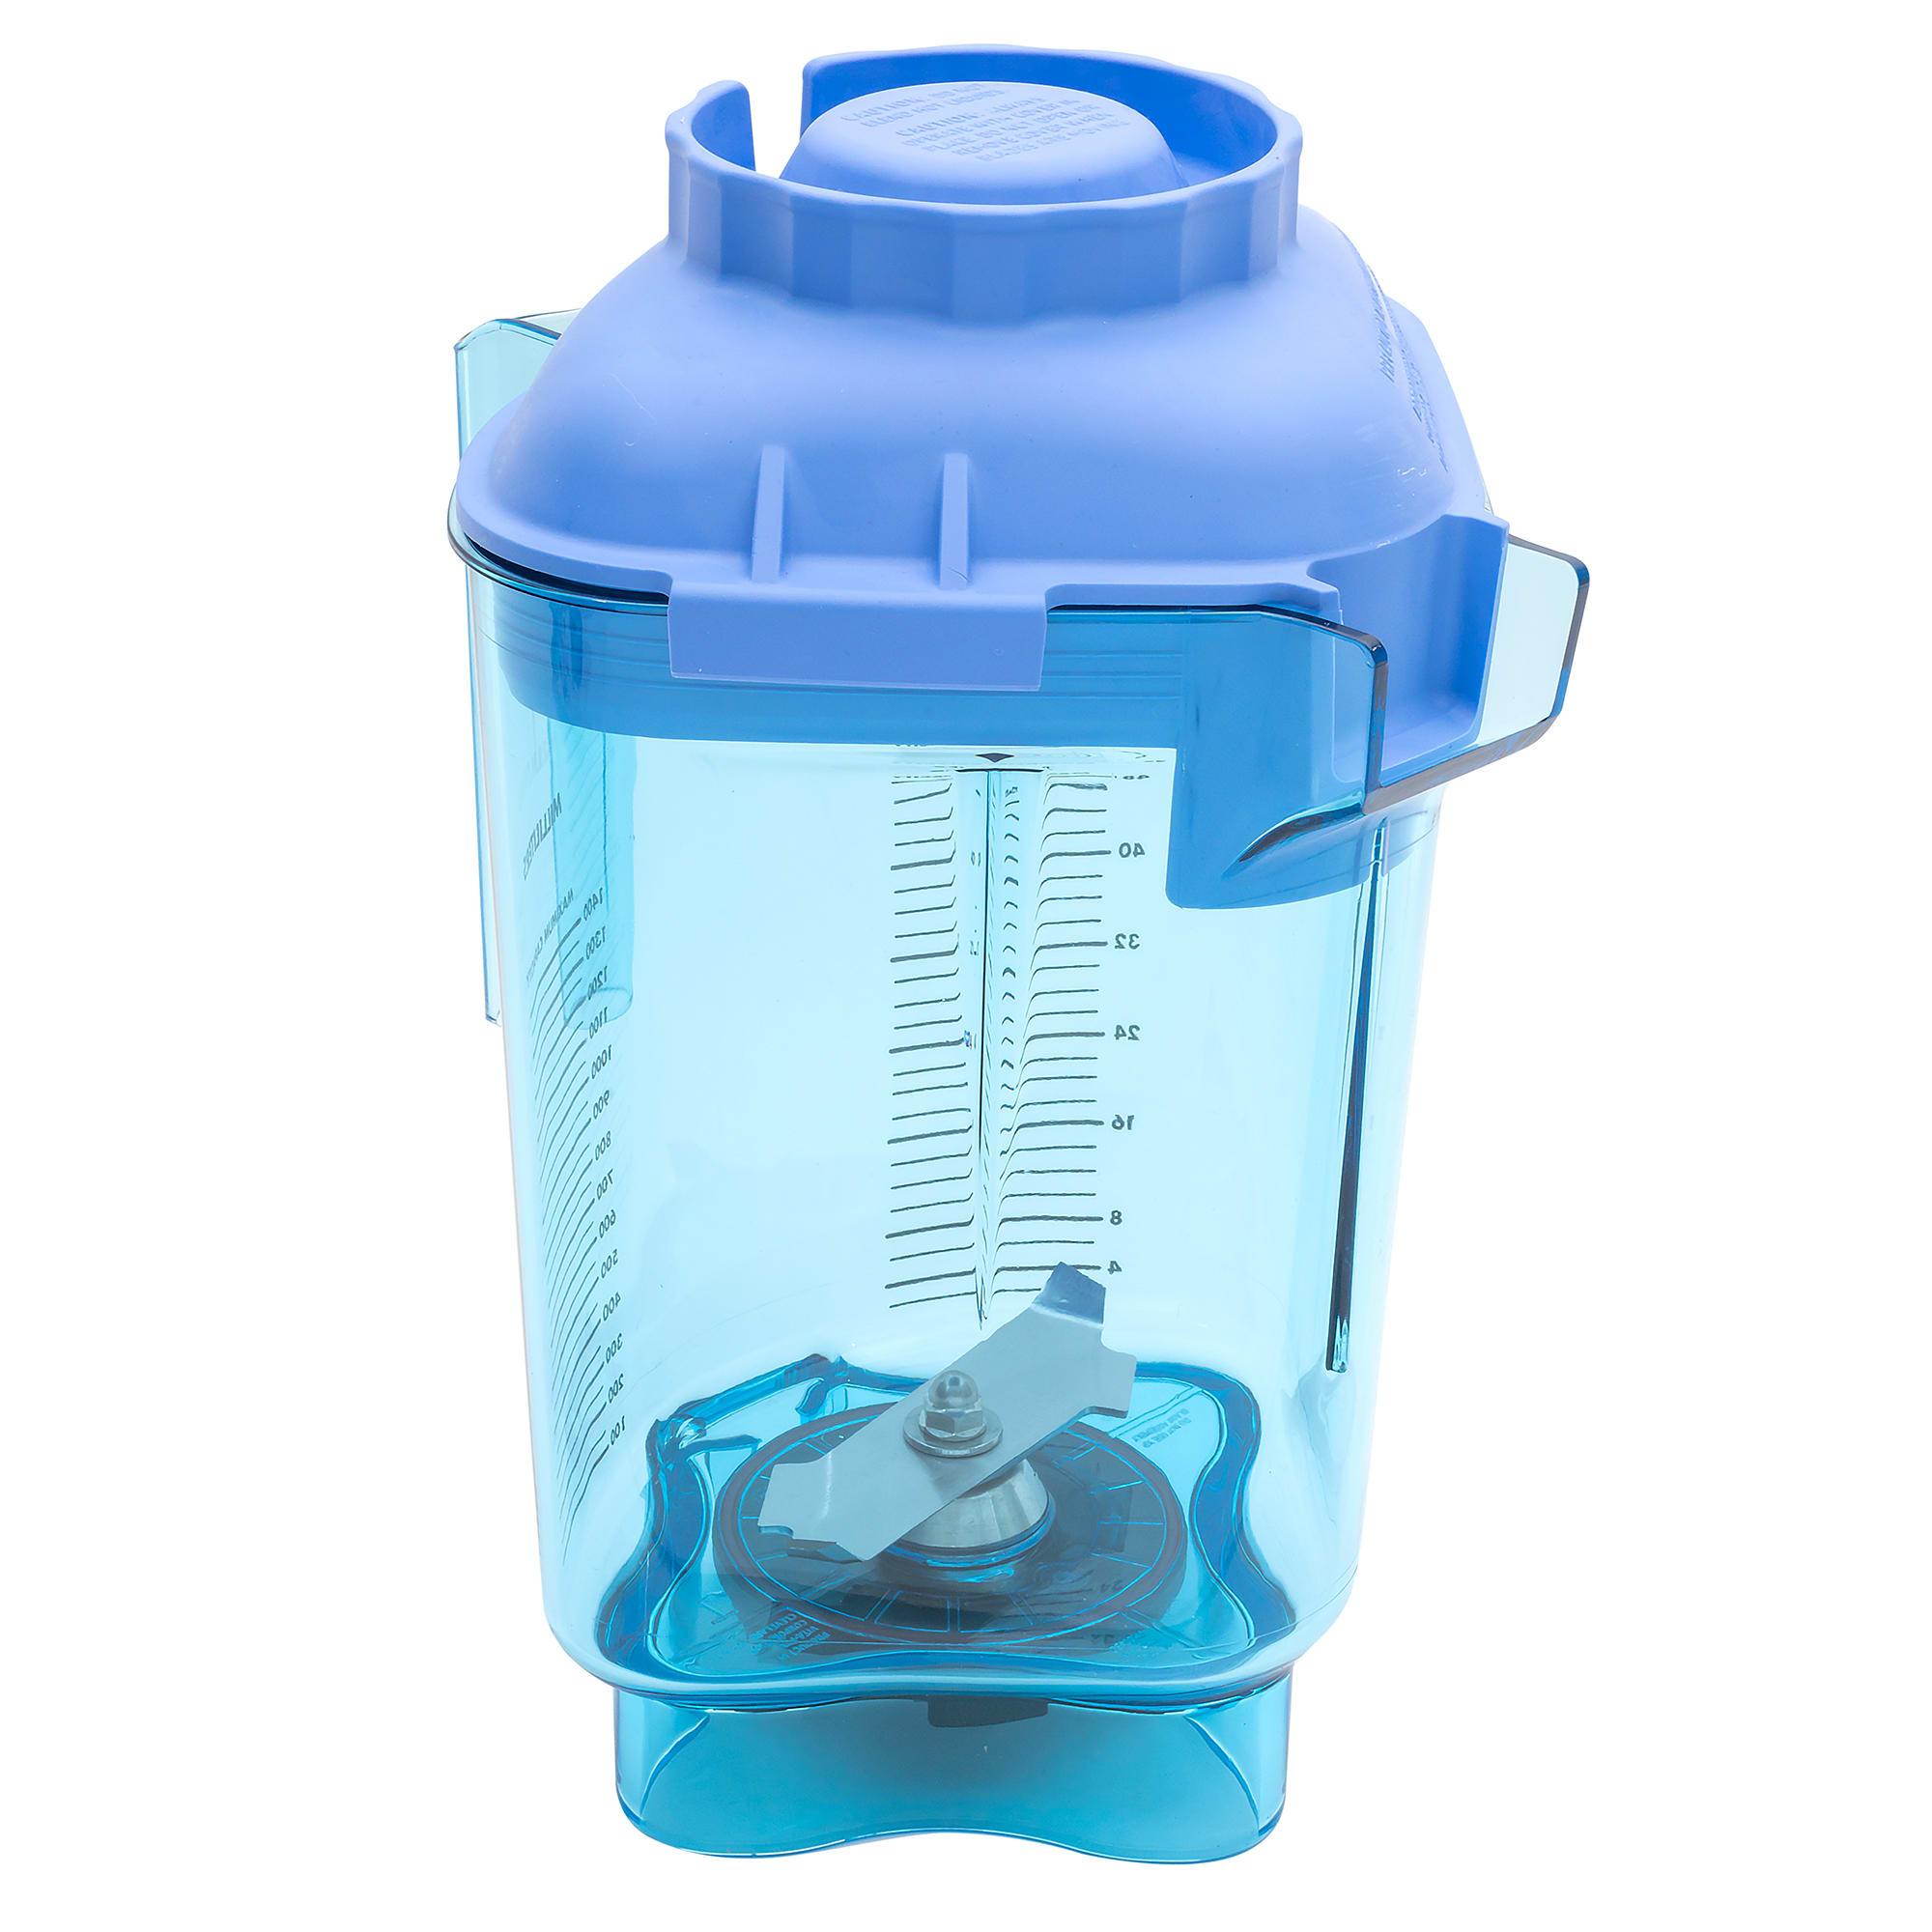 Vitamix Commercial 58988 48 oz Advance® Complete Blender Container - Tritan, Blue